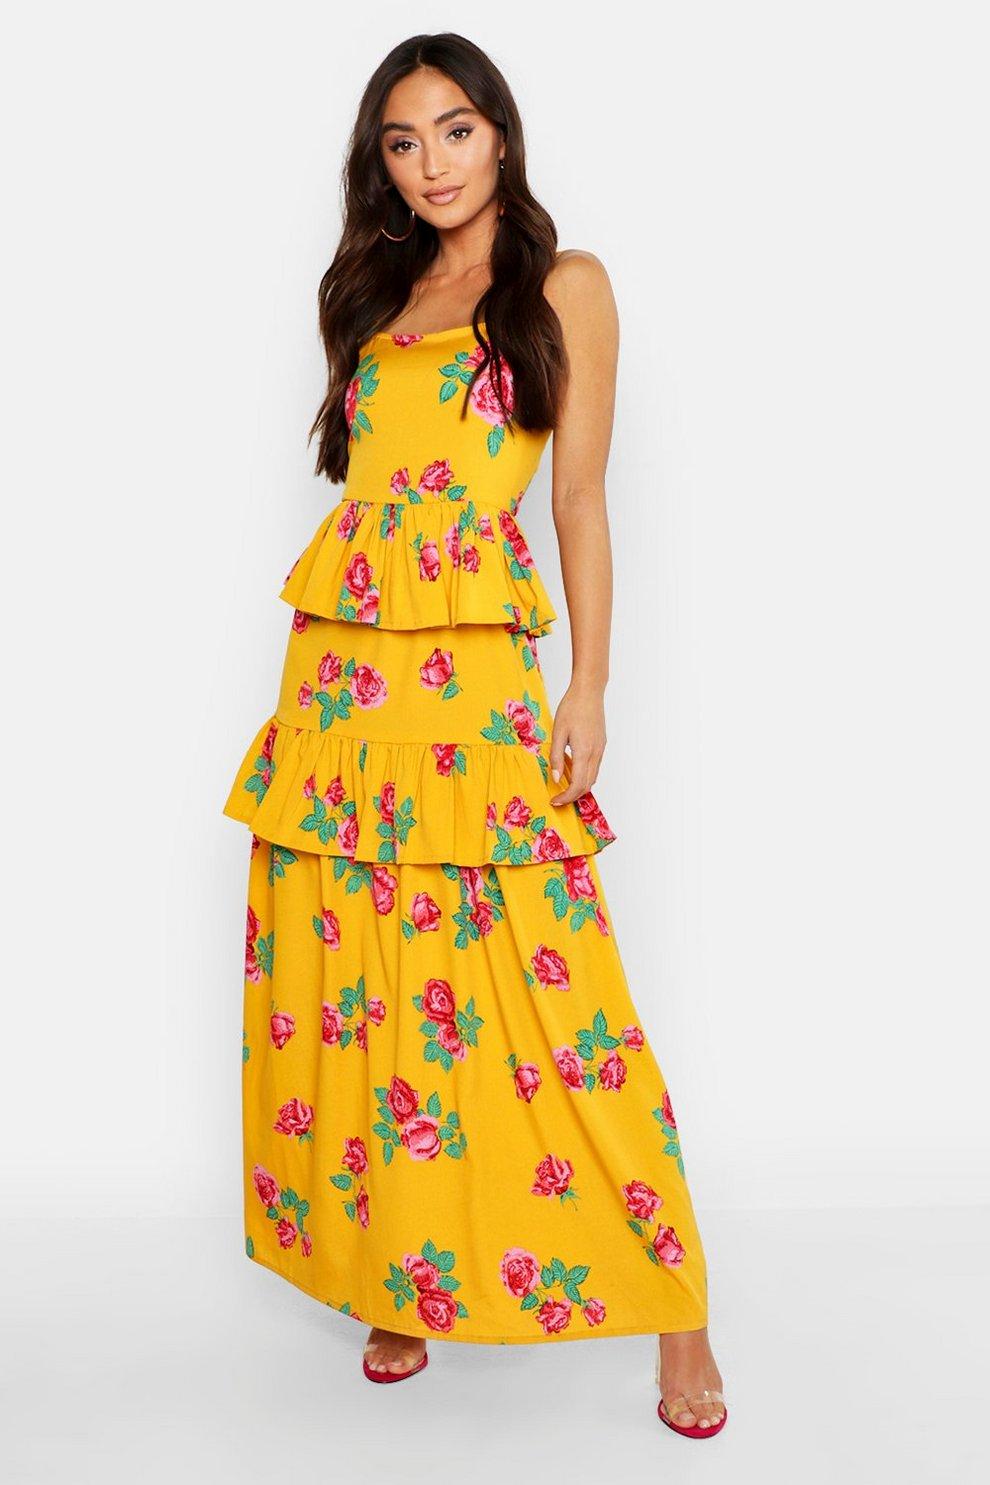 91f40c9f67f Petite Floral Print Ruffle Detail Maxi Dress